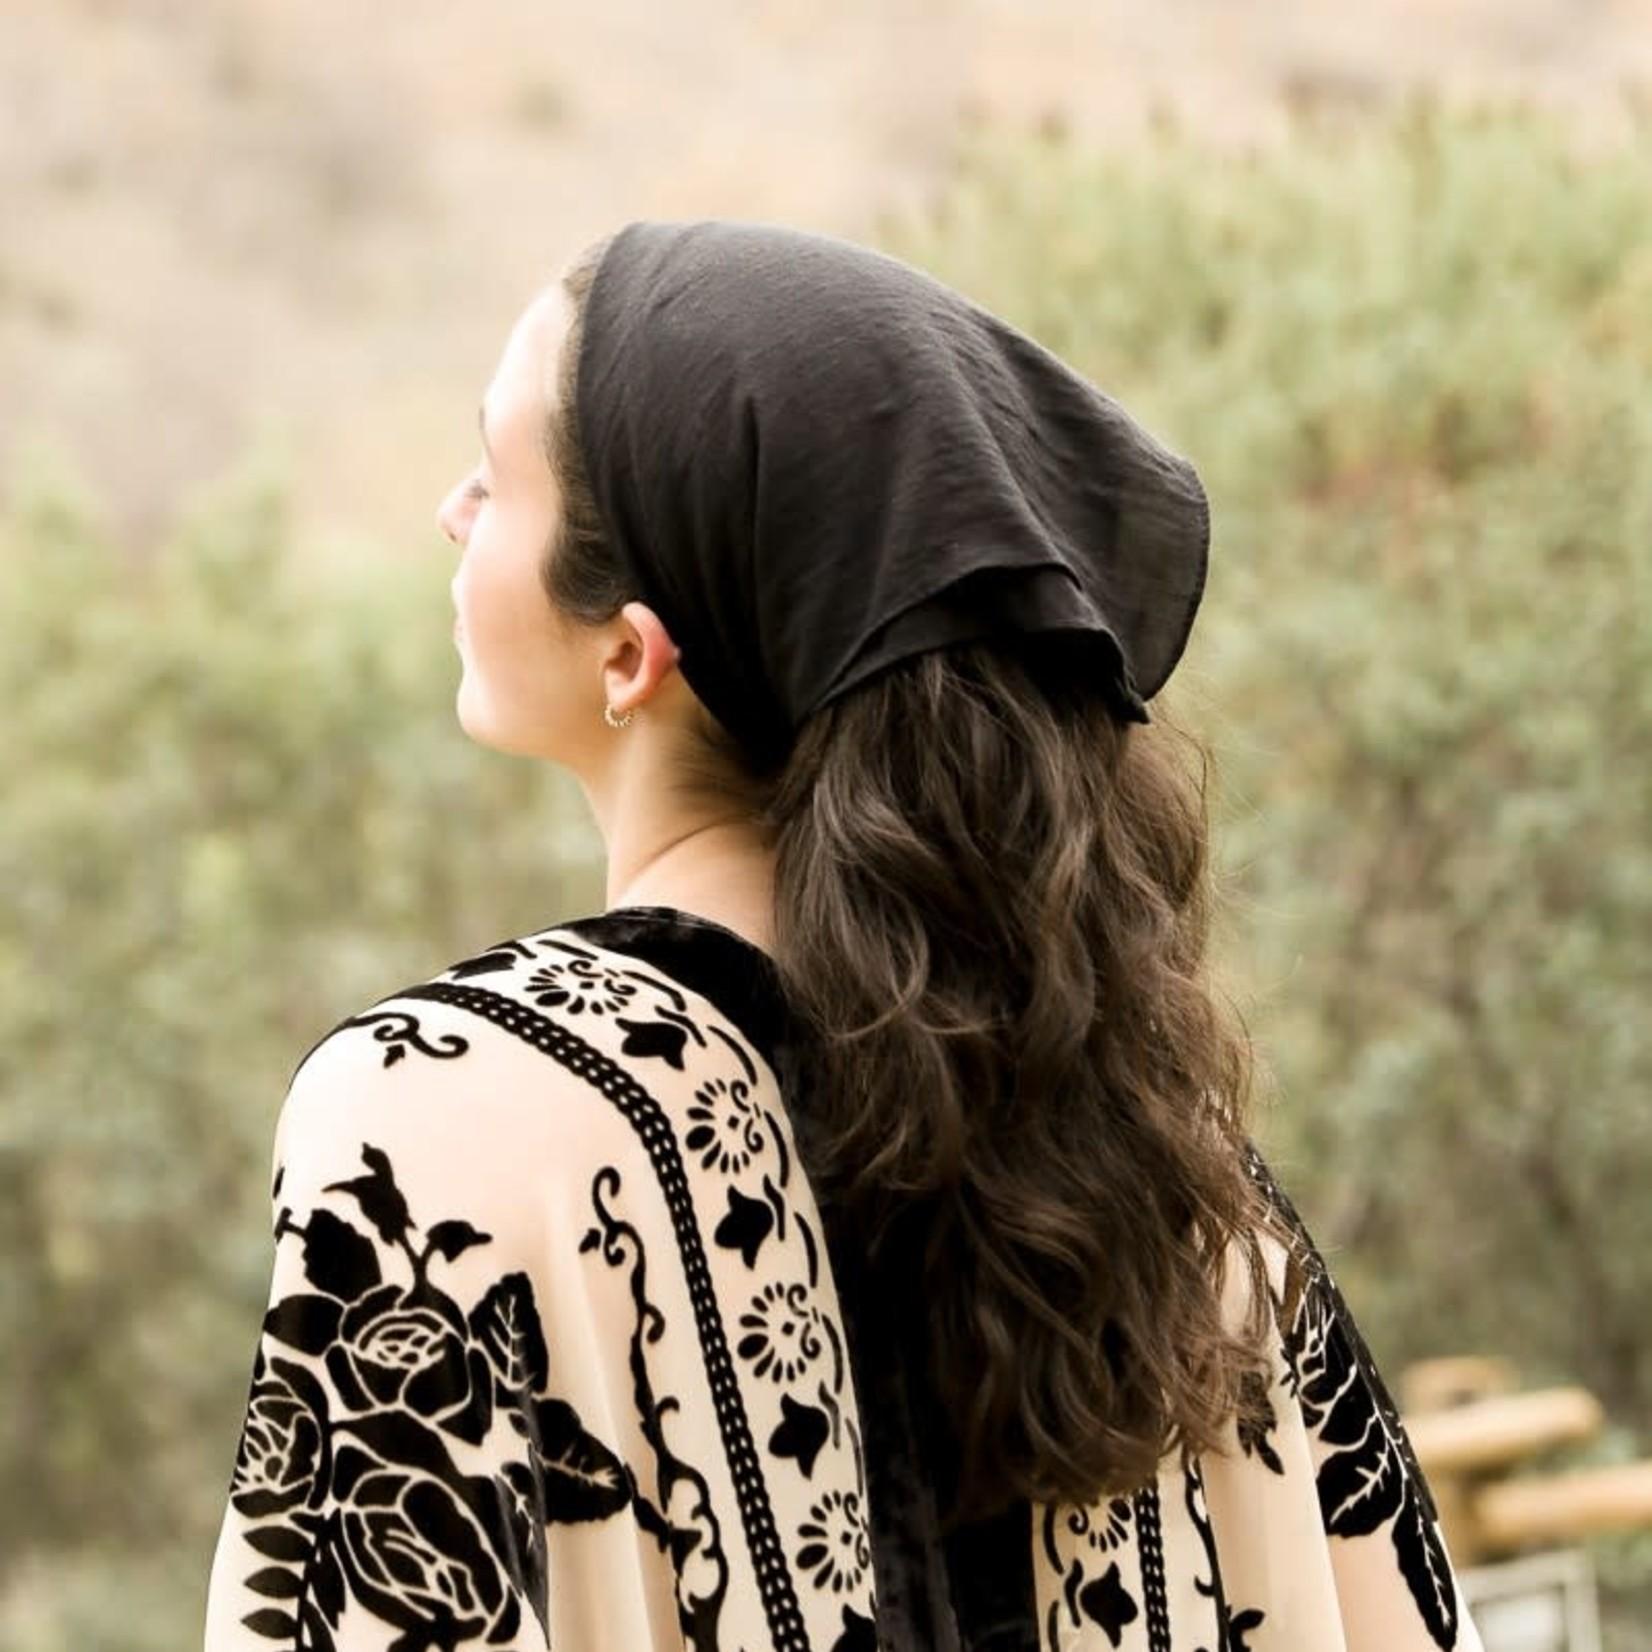 leto Headscarf 16057